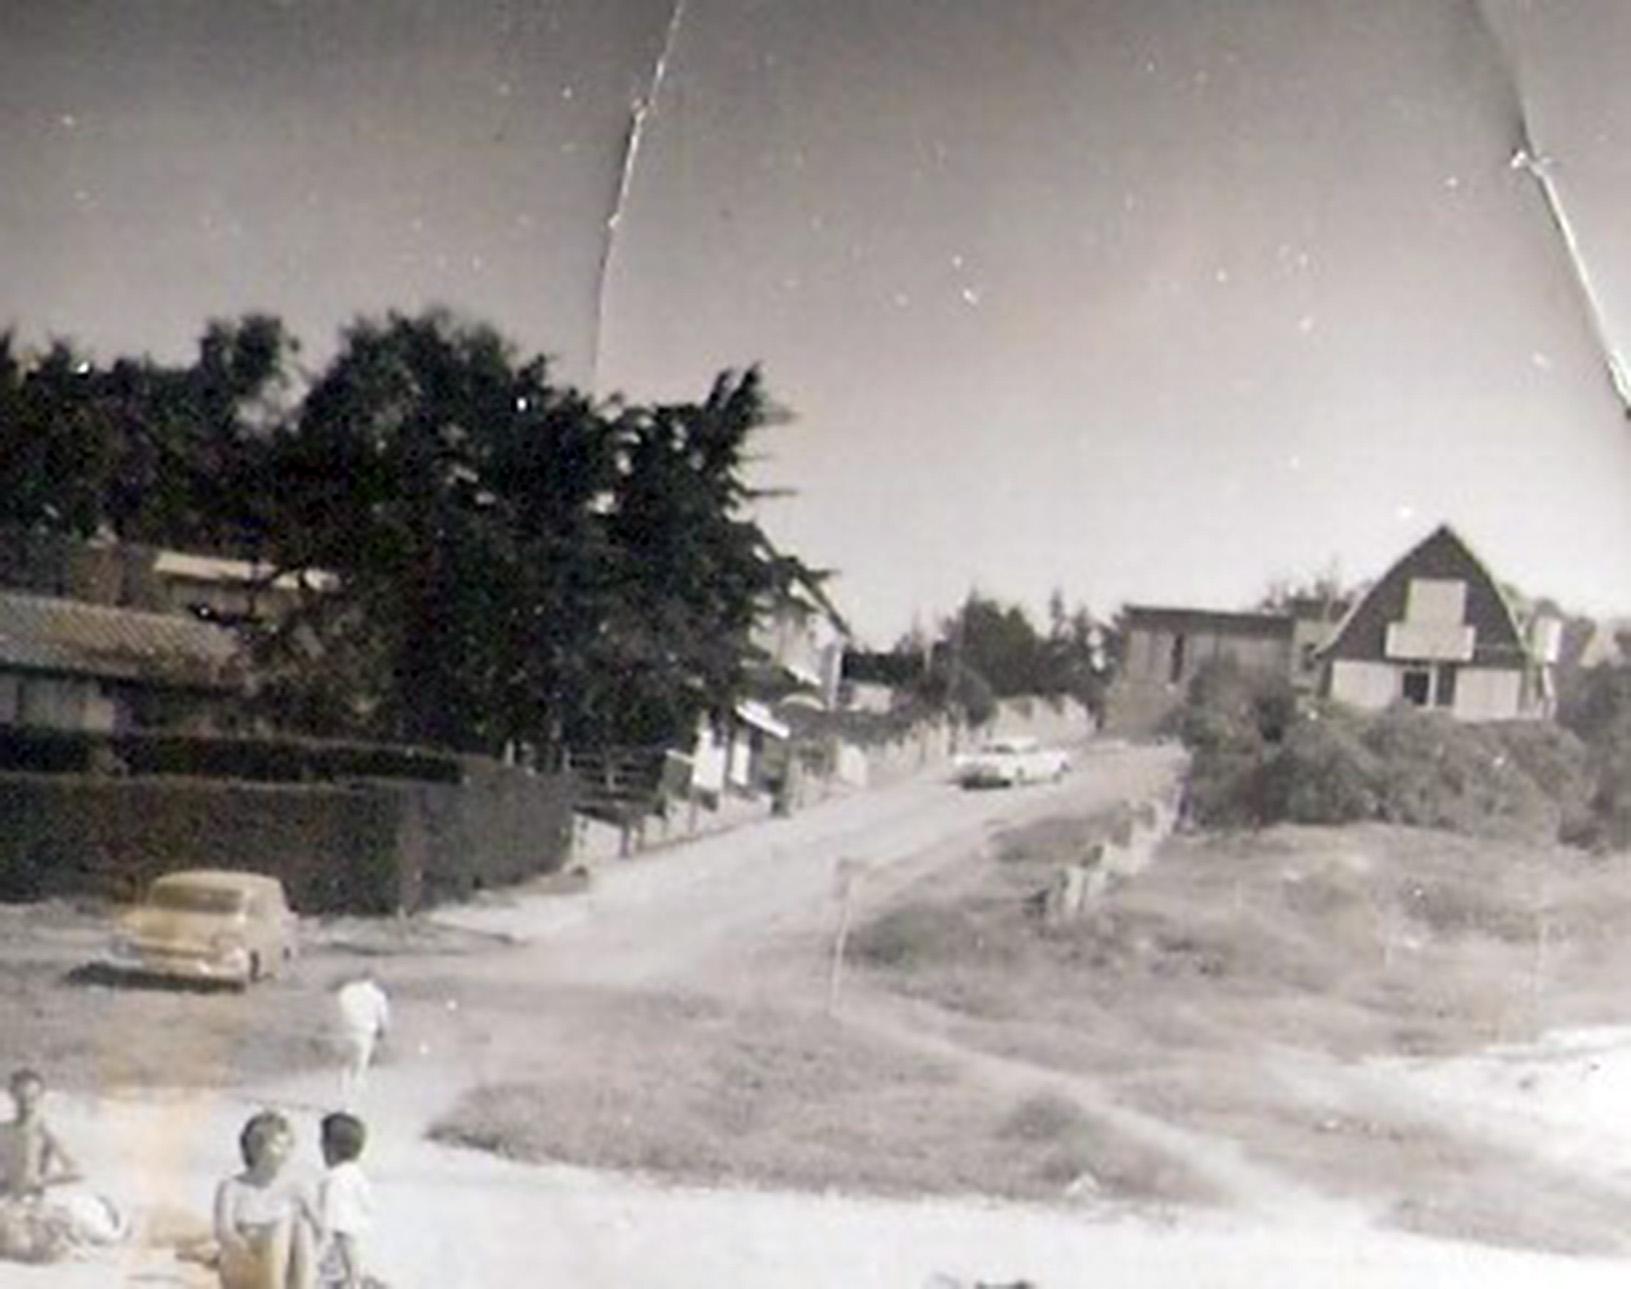 Enterreno - Fotos históricas de chile - fotos antiguas de Chile - El Quisco, febrero 1959